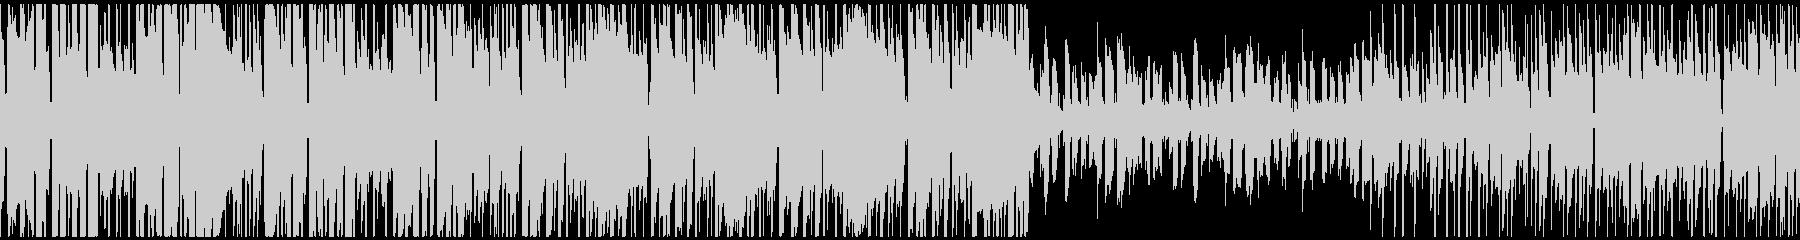 スイーツのようなkawaii系エレクトロの未再生の波形